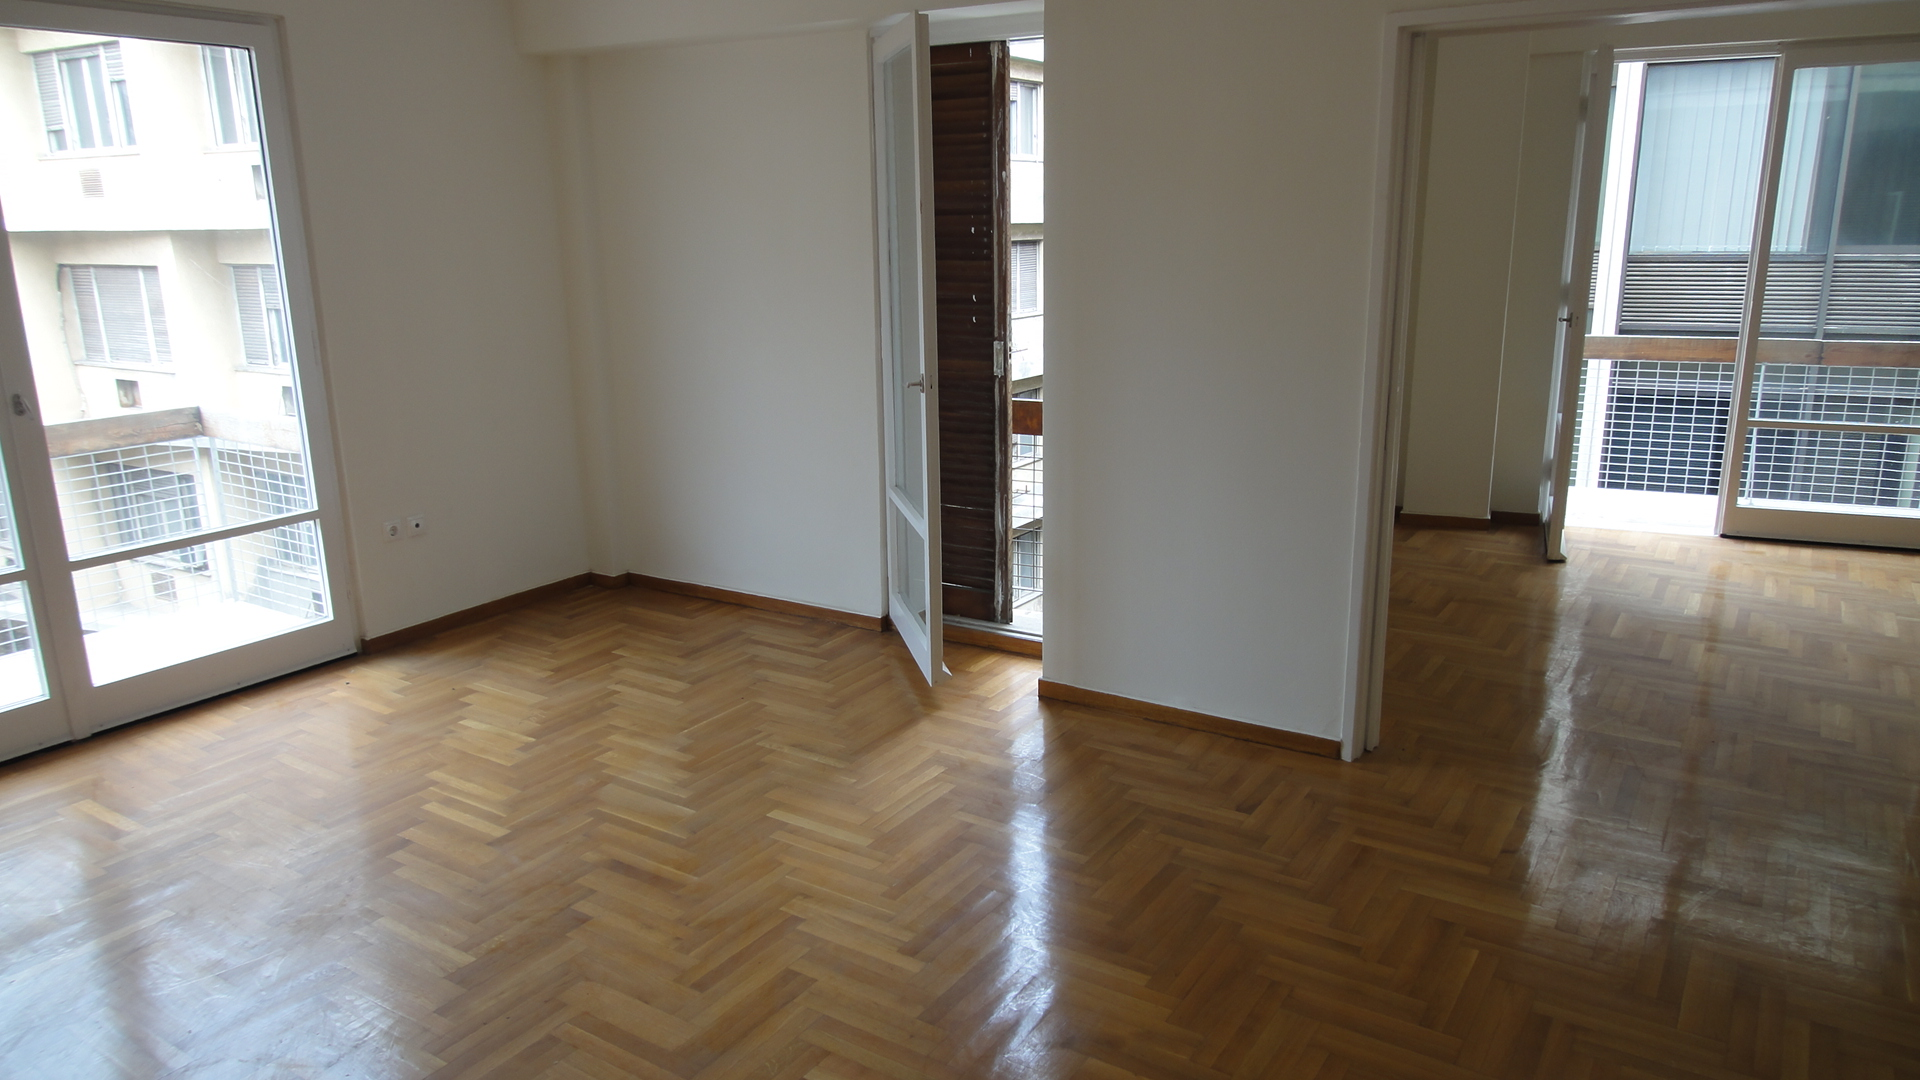 4th floor apartment